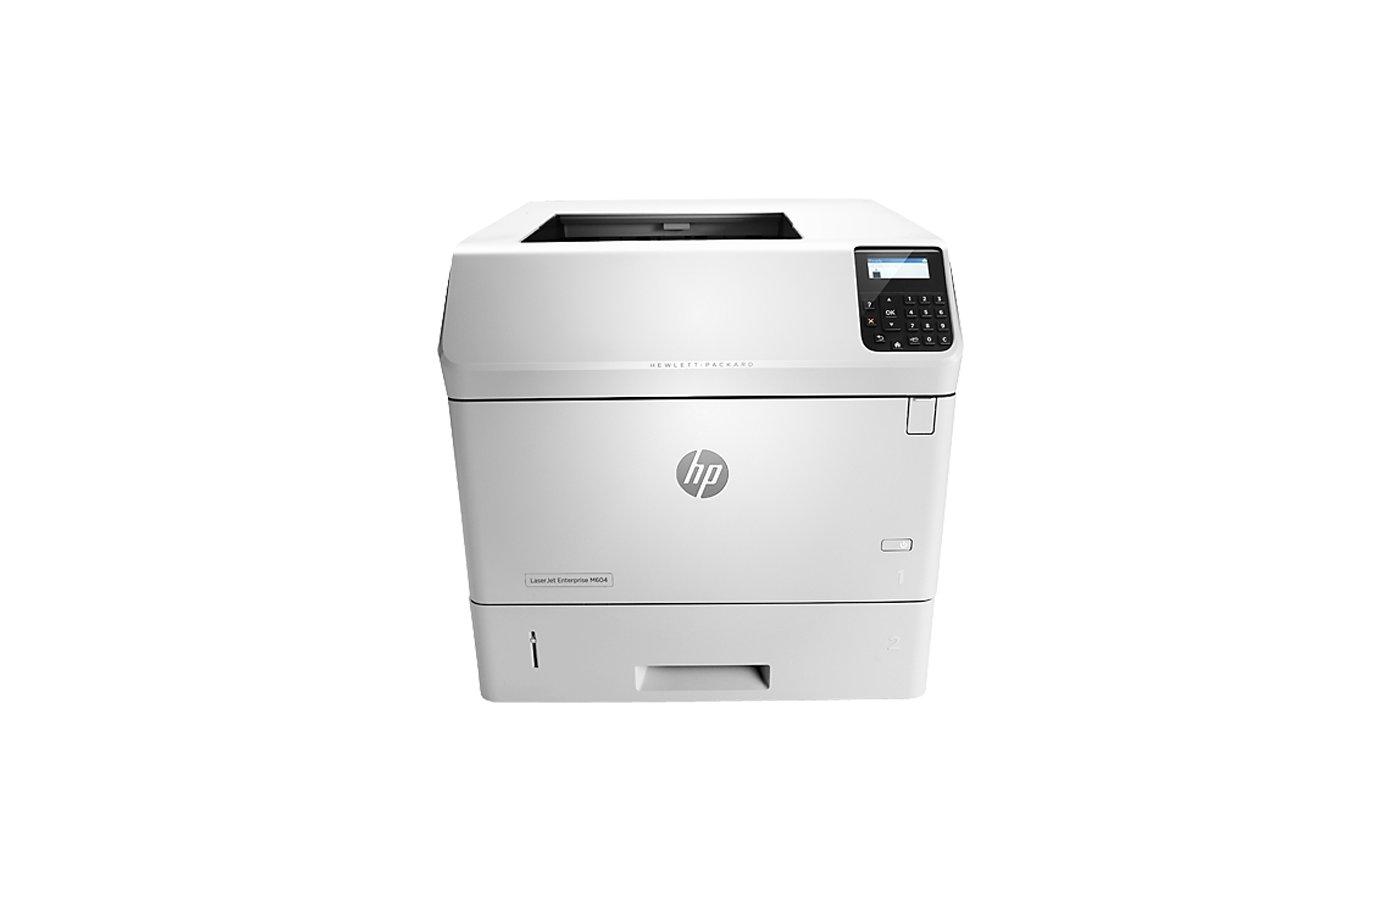 Принтер HP LaserJet Enterprise 600 M605n /E6B69A/